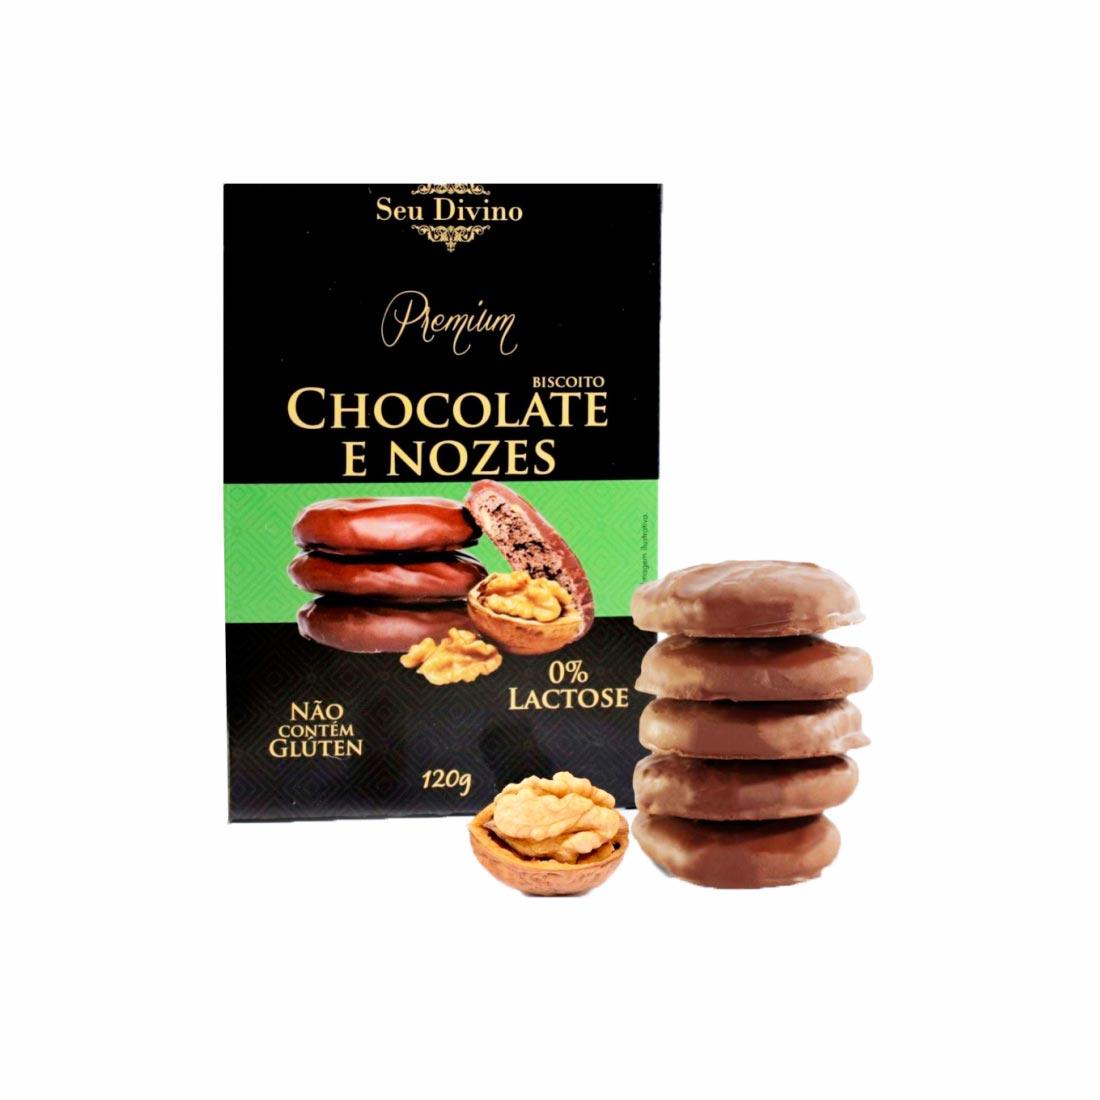 CHOCOLATE & NOZES PREMIUM SEU DIVINO S/GLÚTEN 0%LACTOSE VEGANO 120G